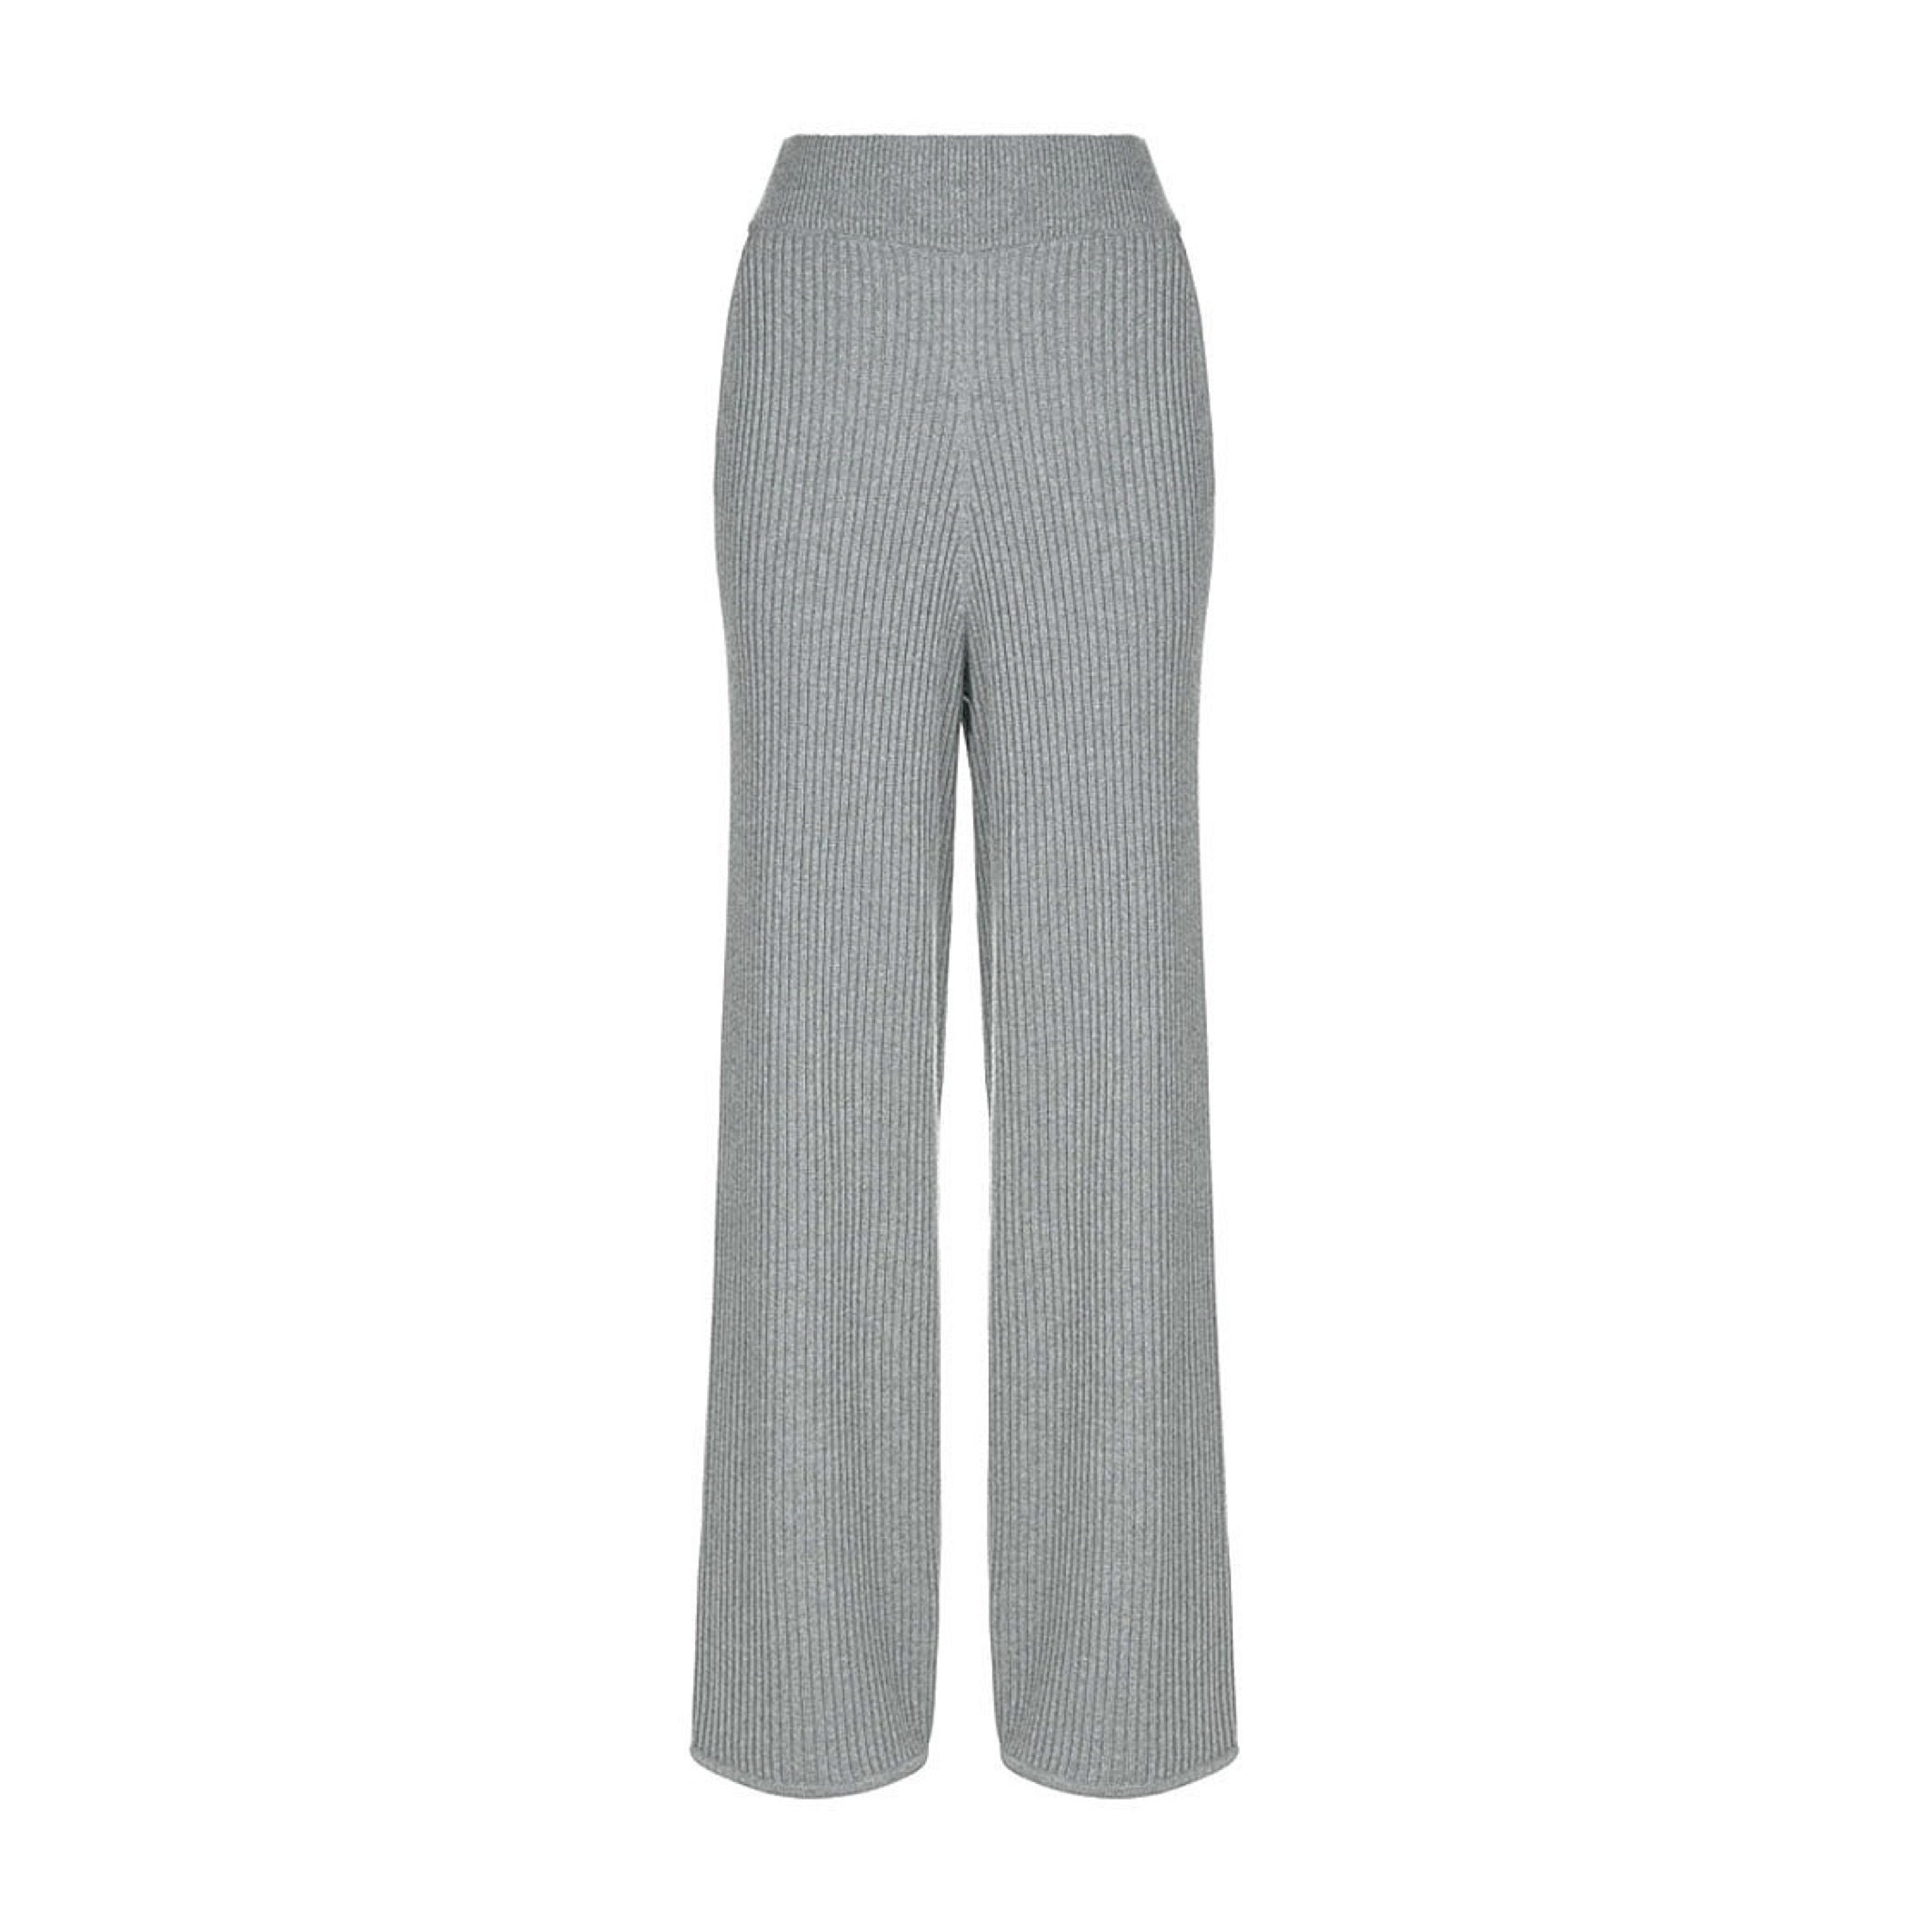 SWEATY BETTY - Miso Trousers